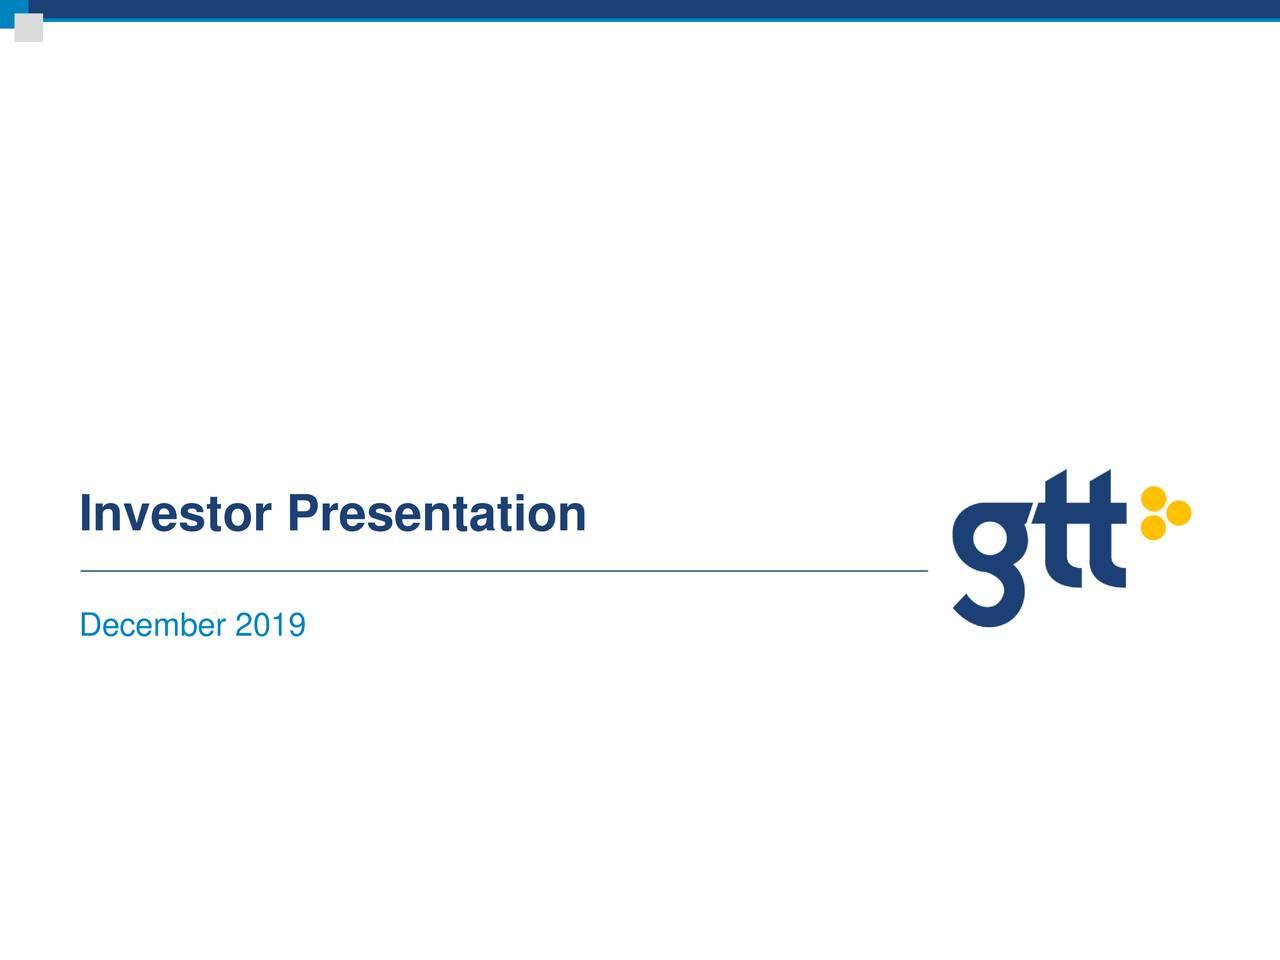 GTT Communications (GTT) Investor Presentation - Slideshow - GTT Communications, Inc. (NYSE:GTT) | Seeking Alpha